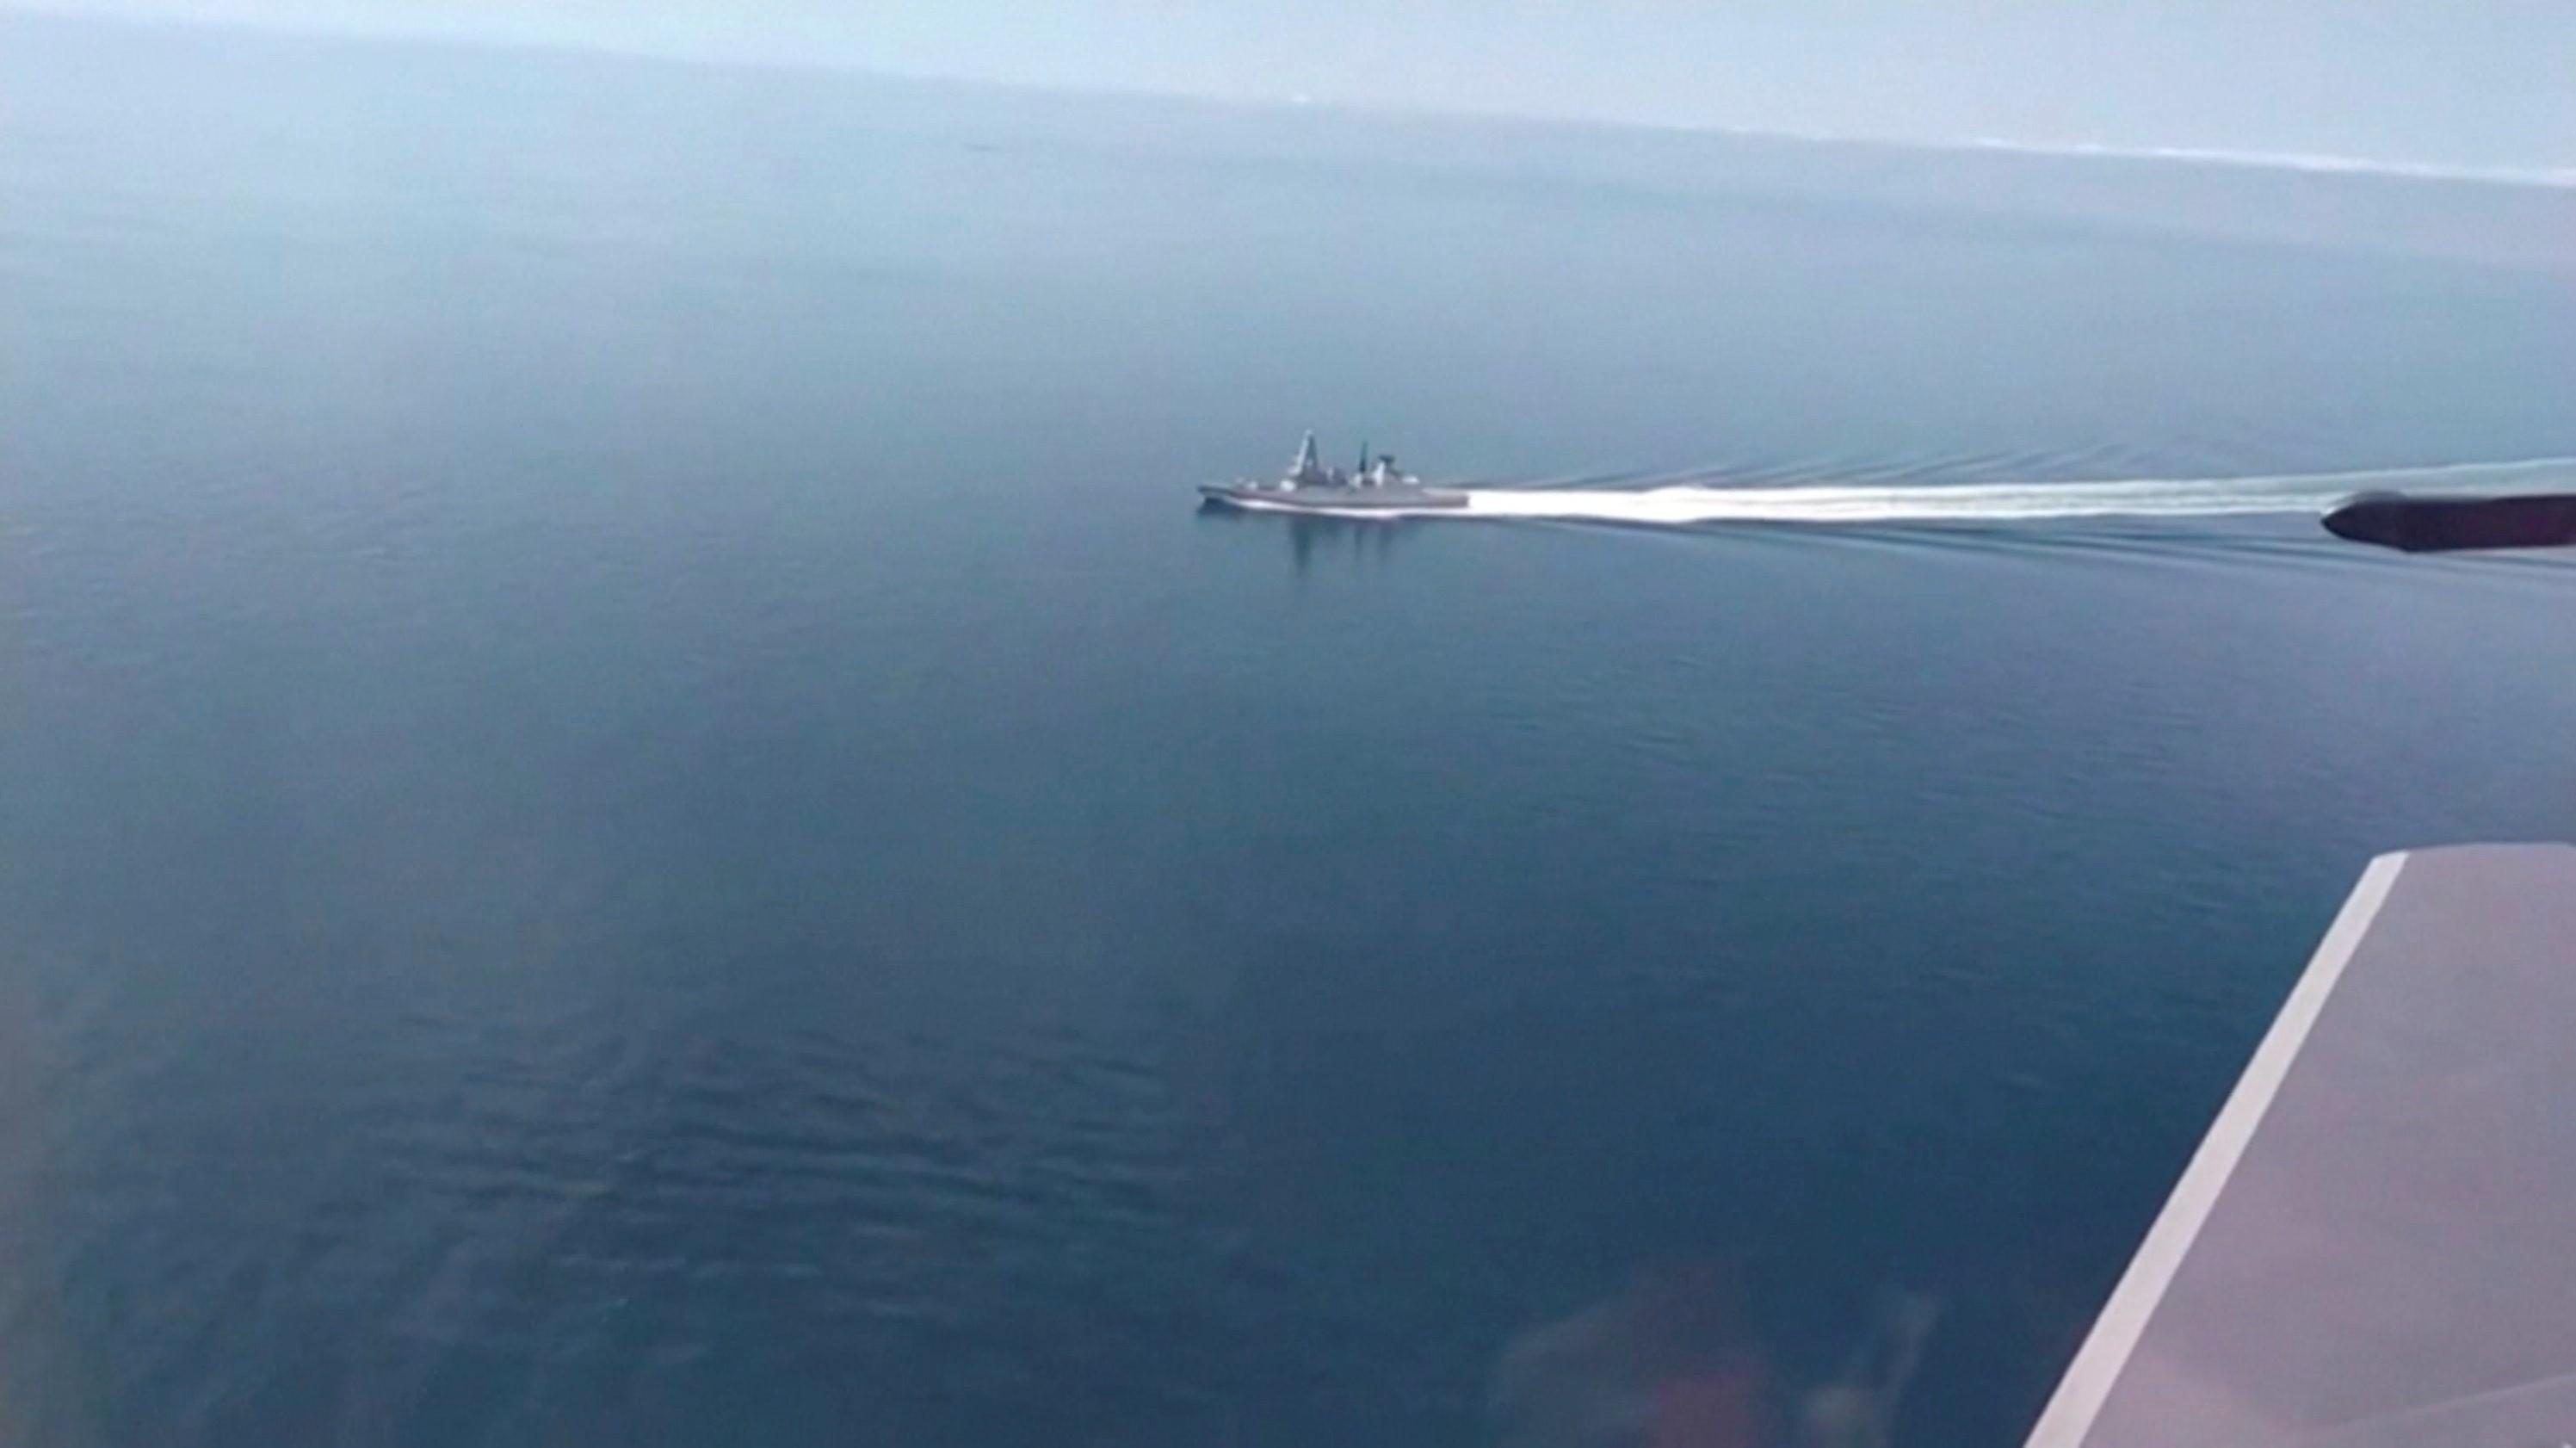 Rússia alerta Reino Unido a não voltar a provocá-la no Mar Negro